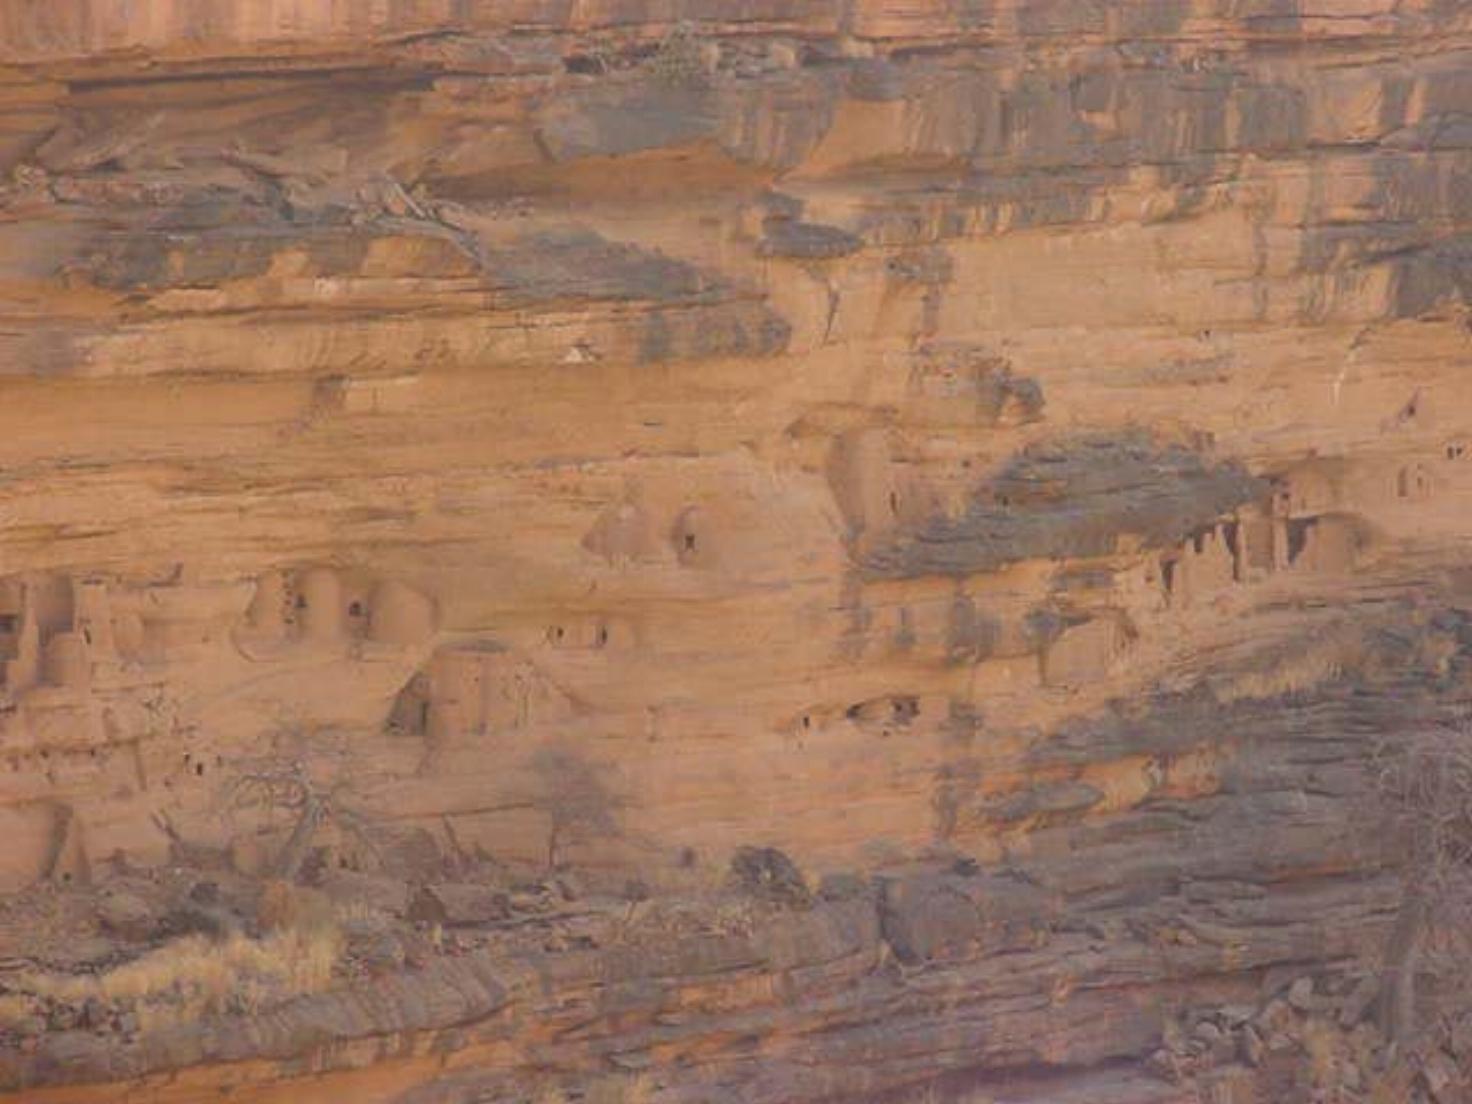 Bandiagara's sheer walls